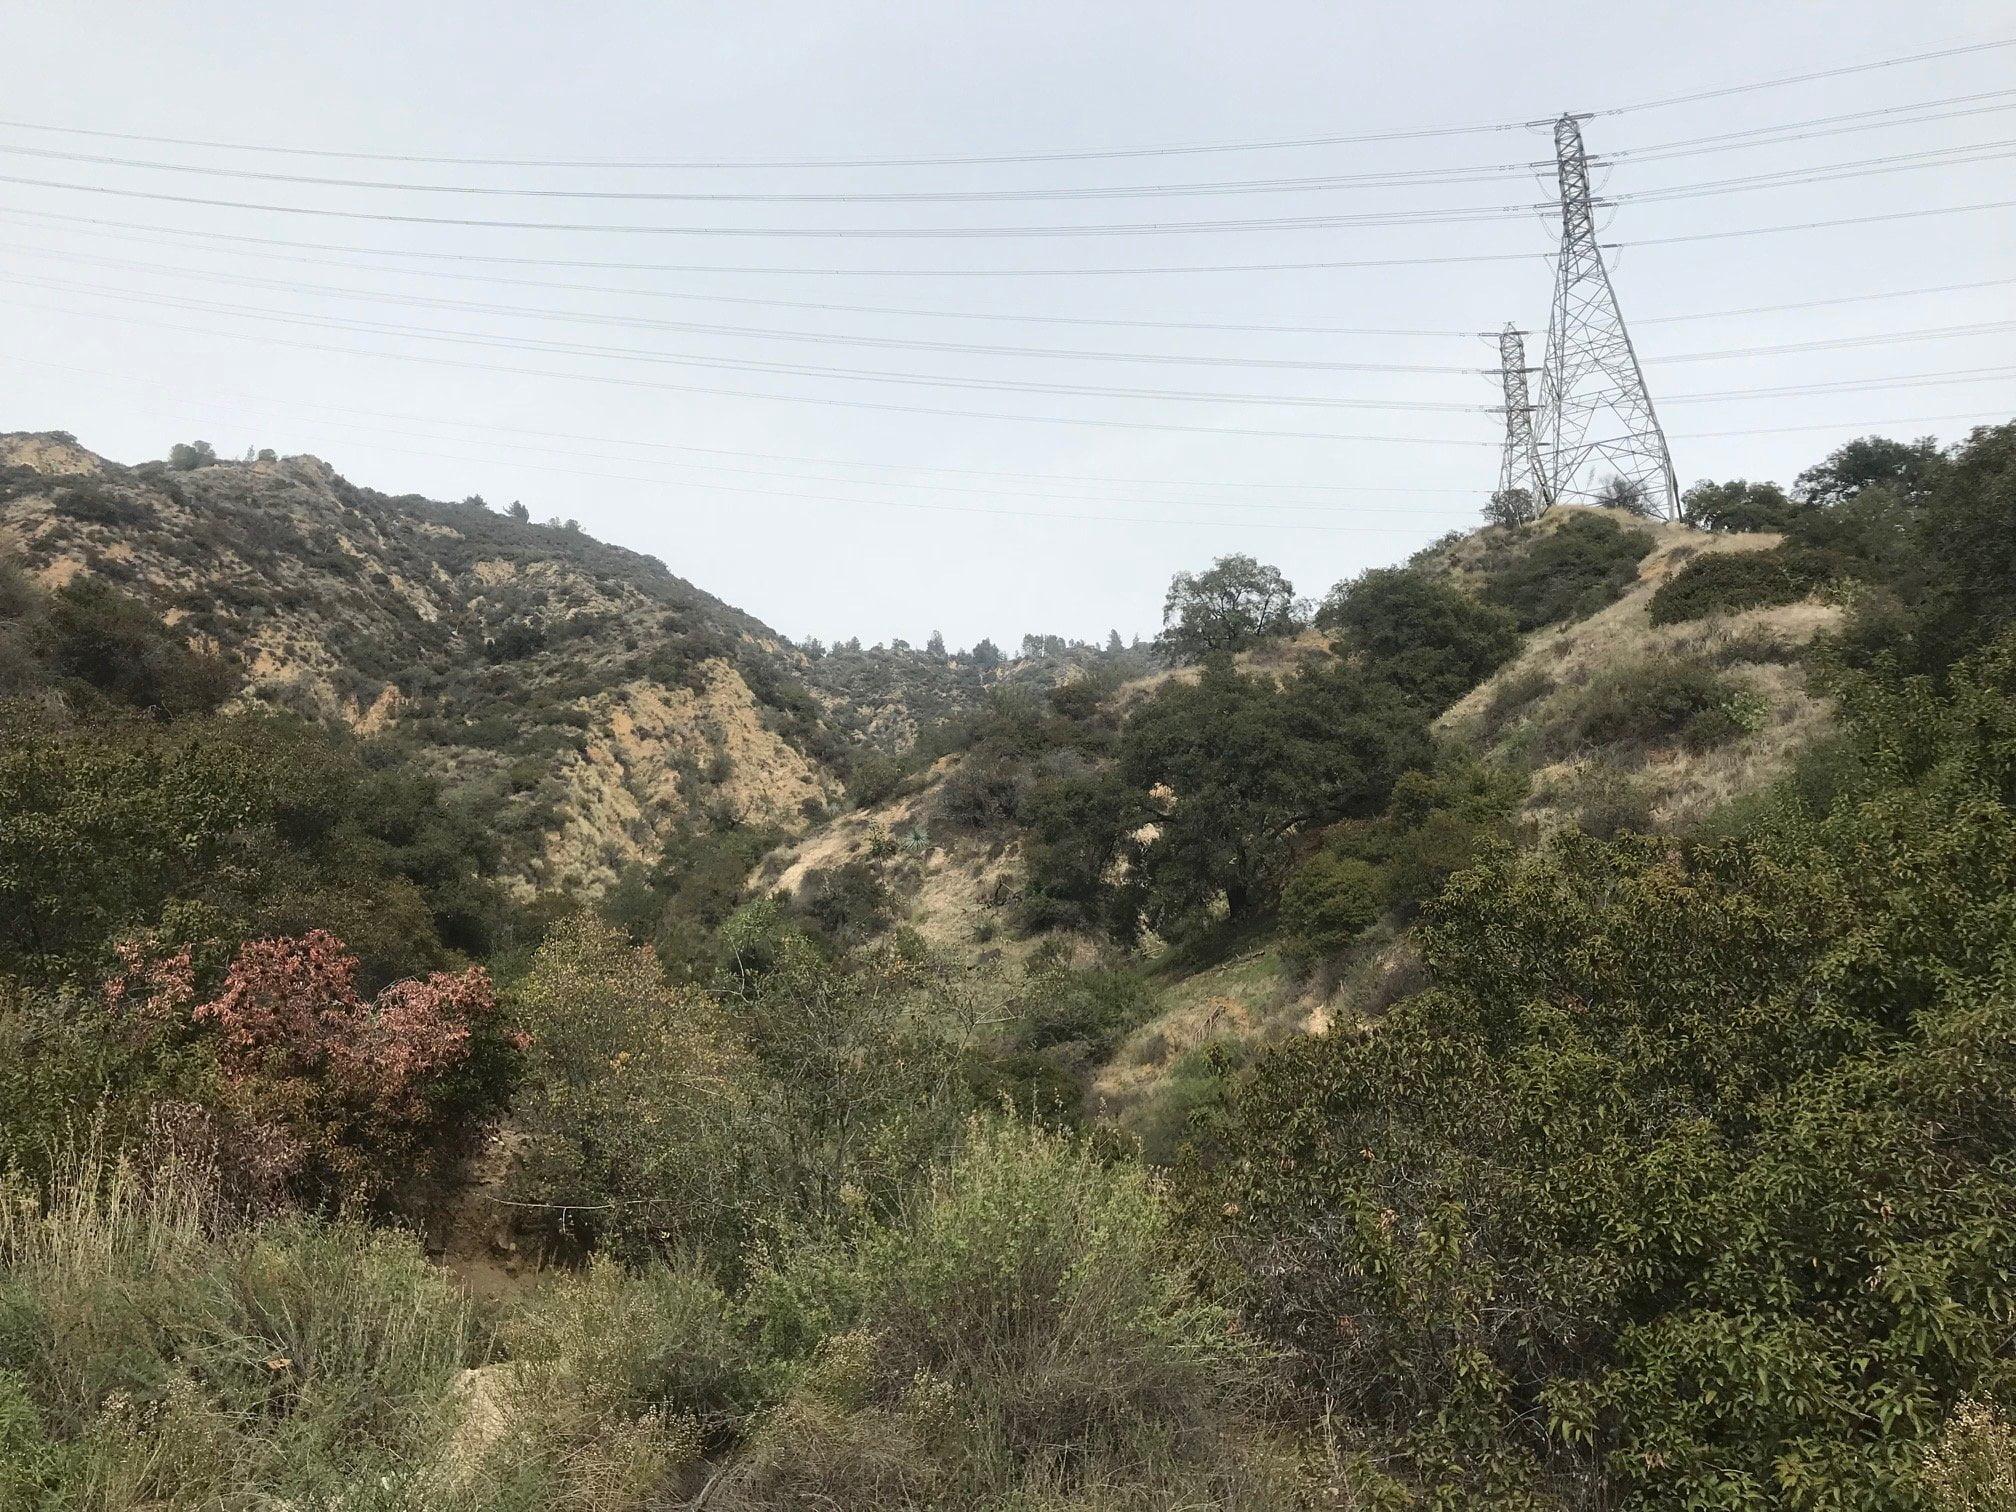 eaton canyon pasadena california